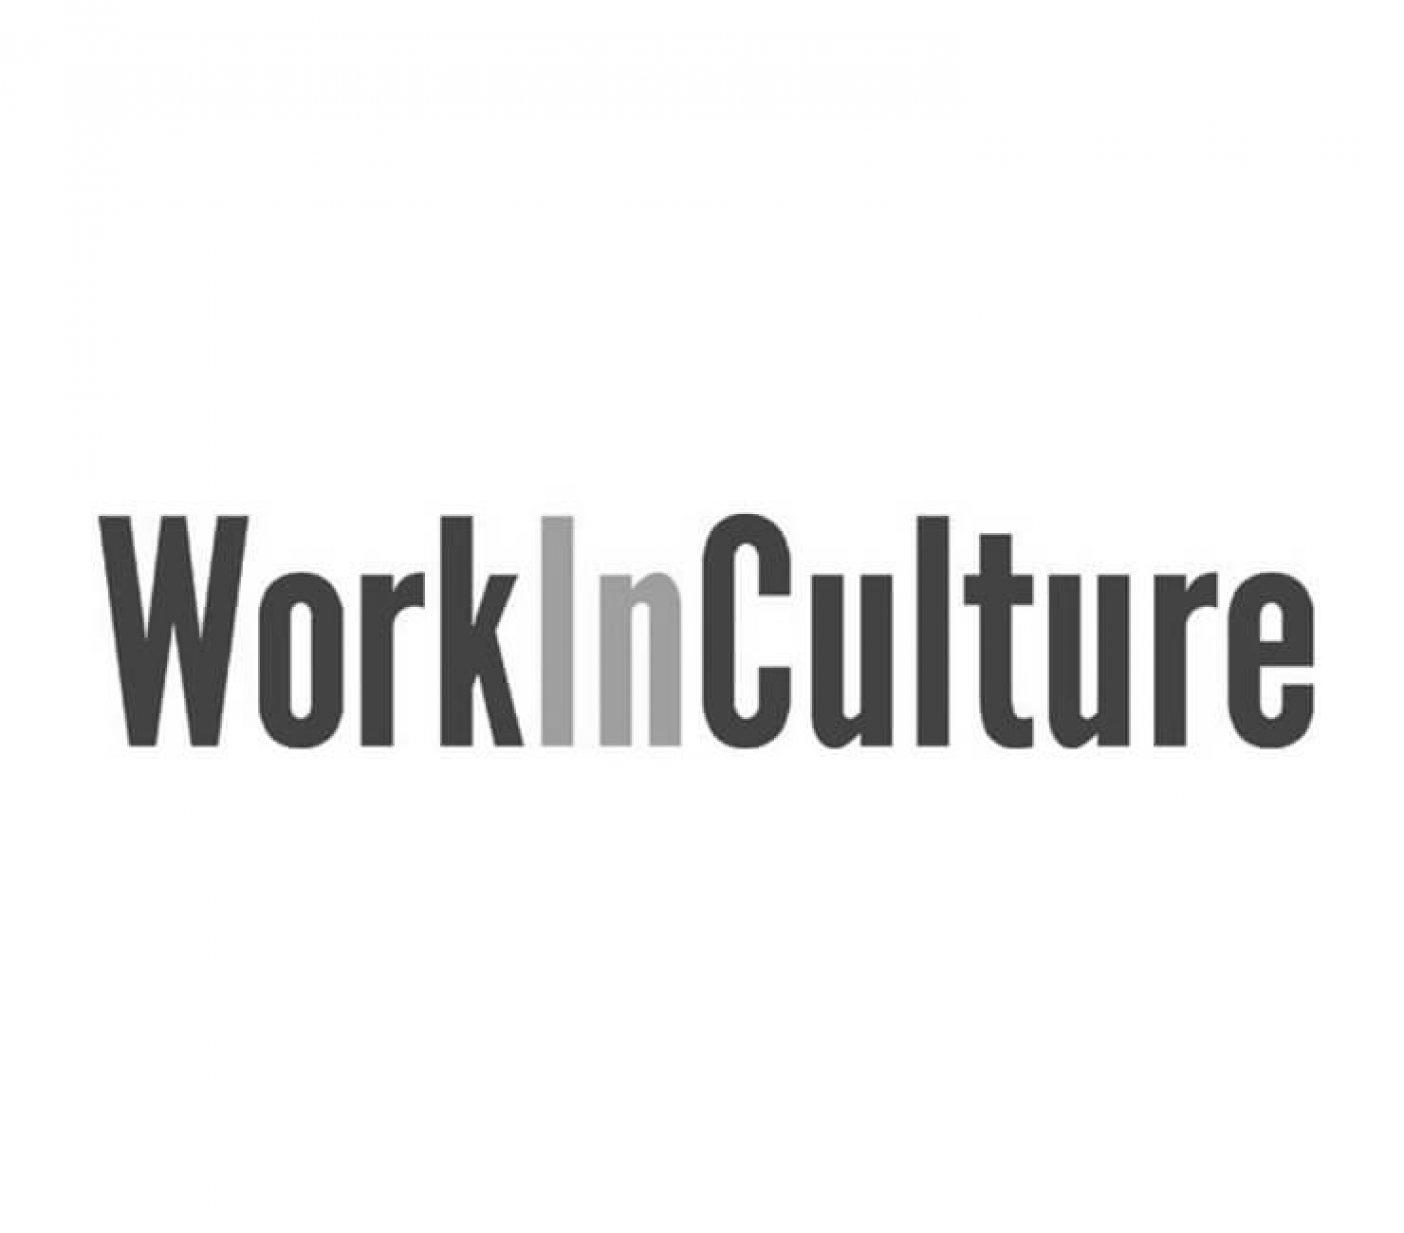 WorkInCulture-1404x1233.jpg